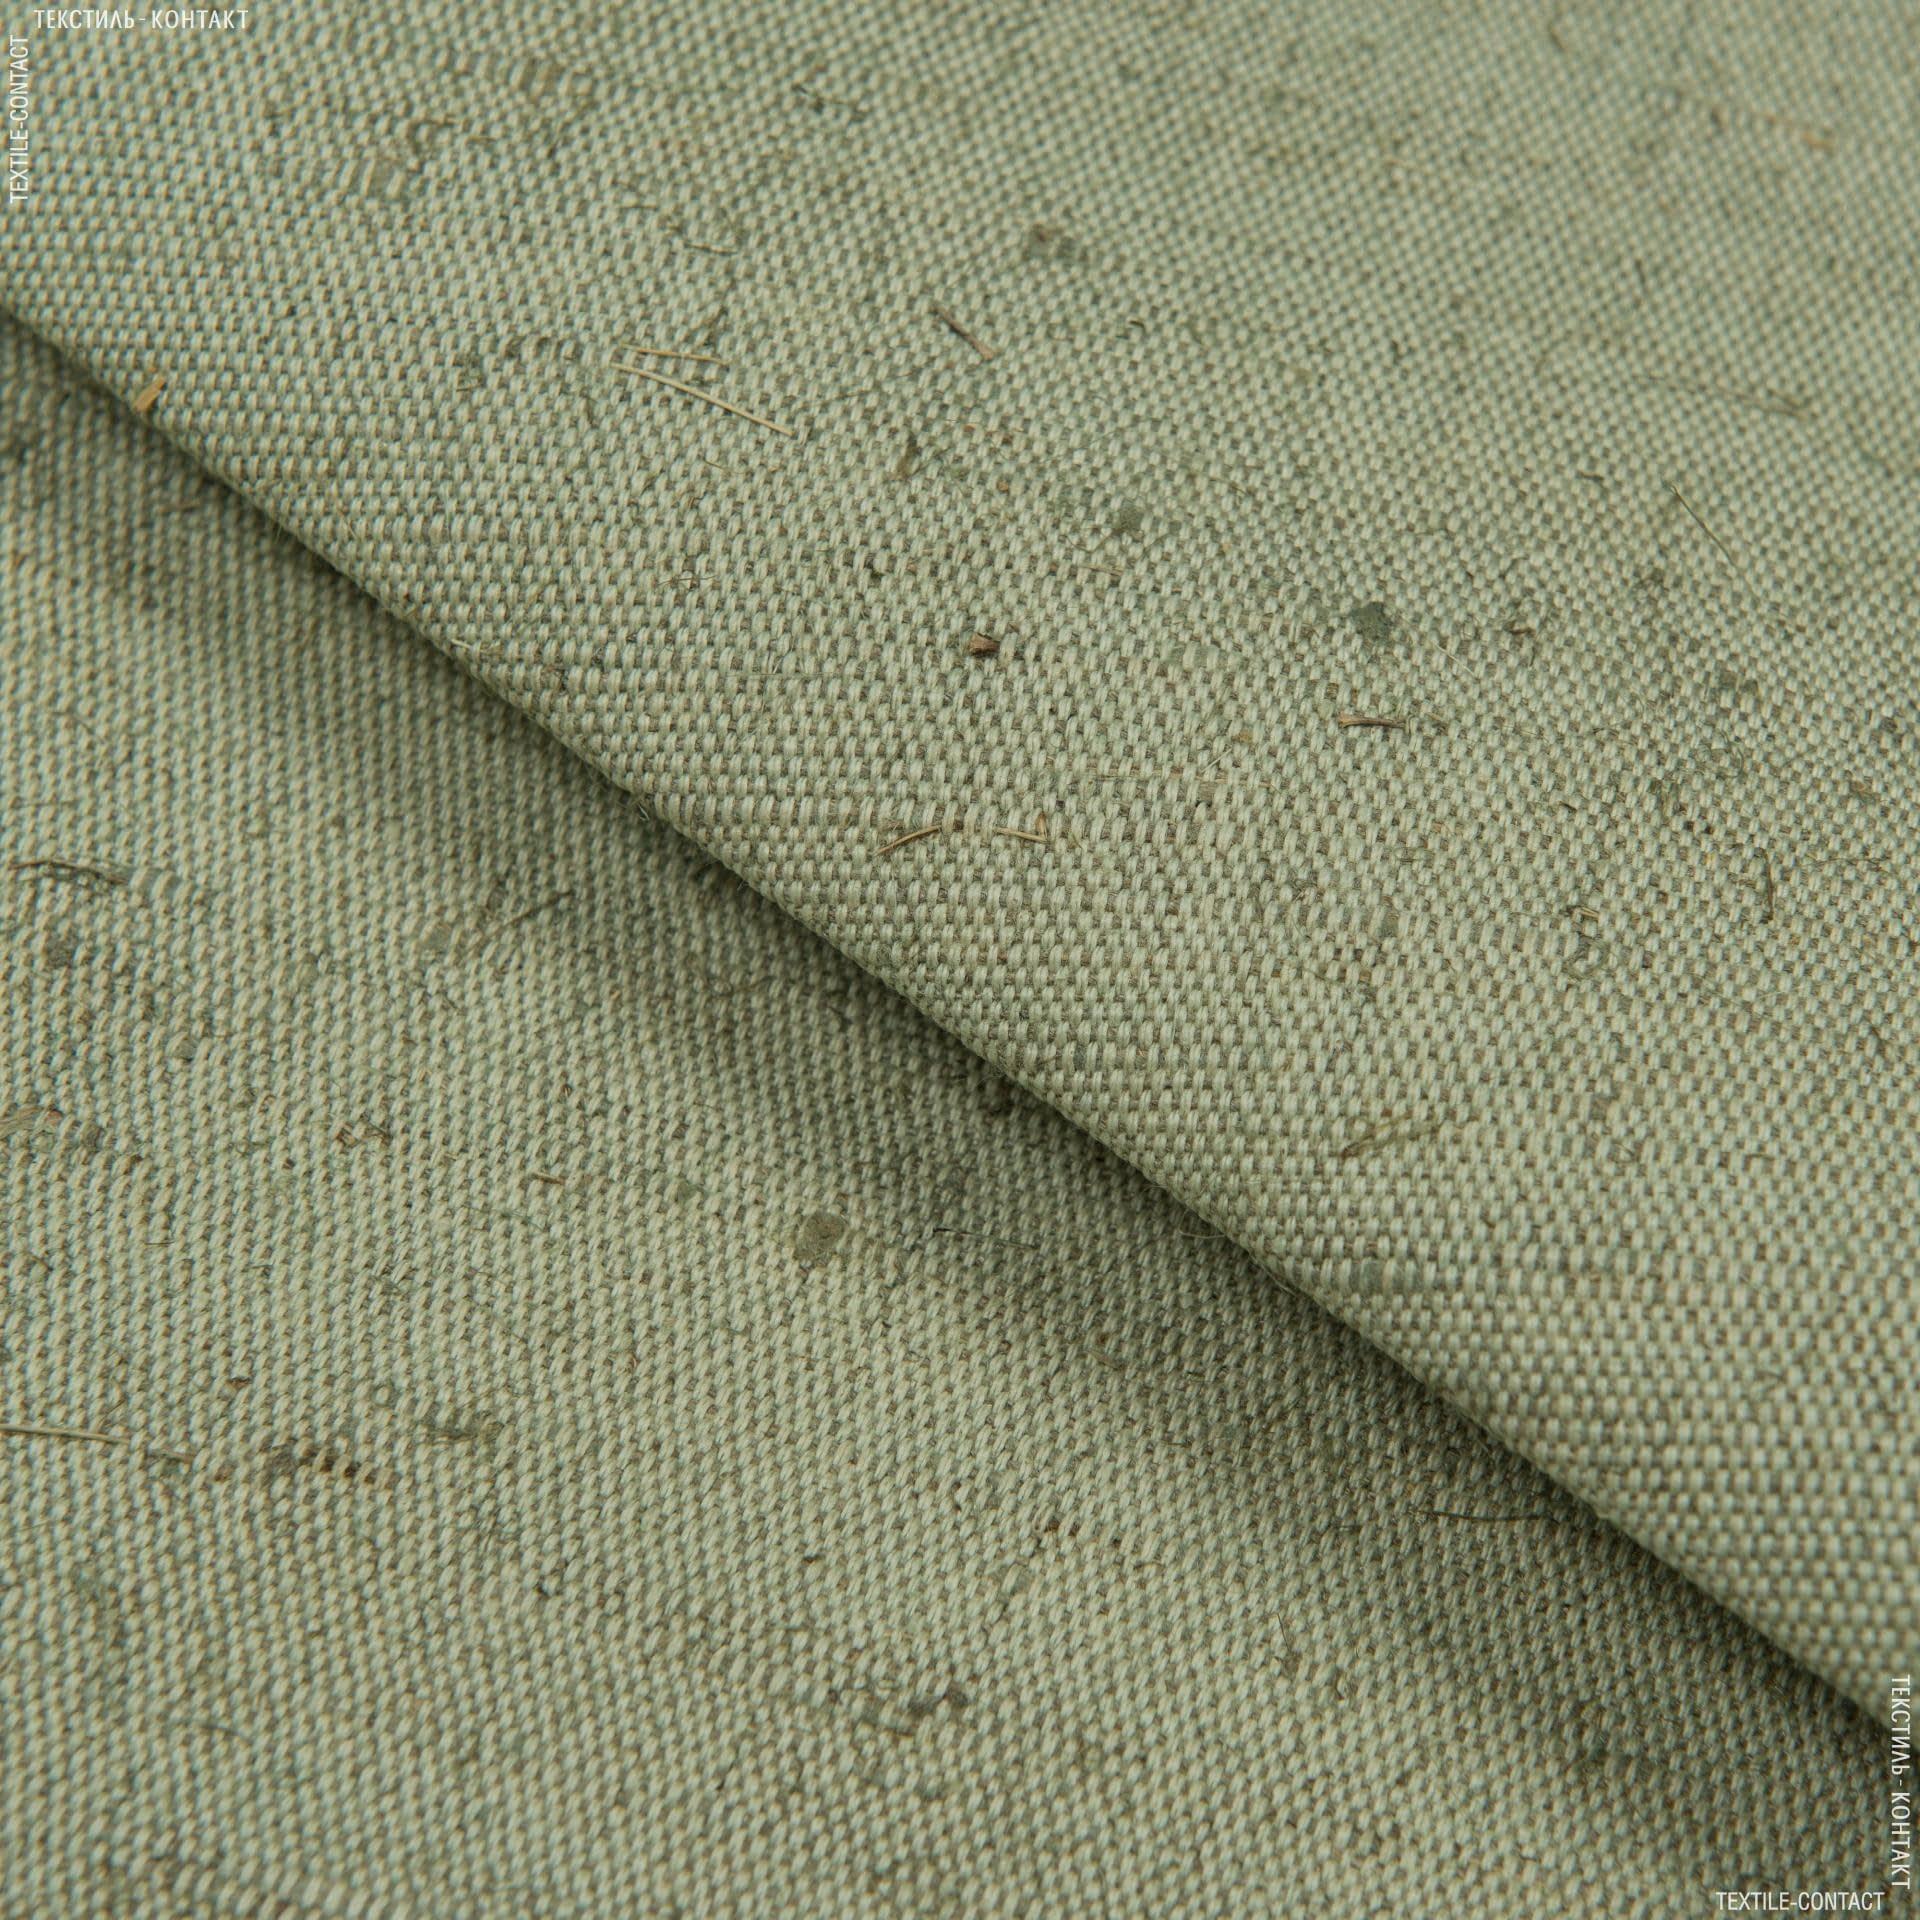 Тканини для спецодягу - Брезент вогнестійкий